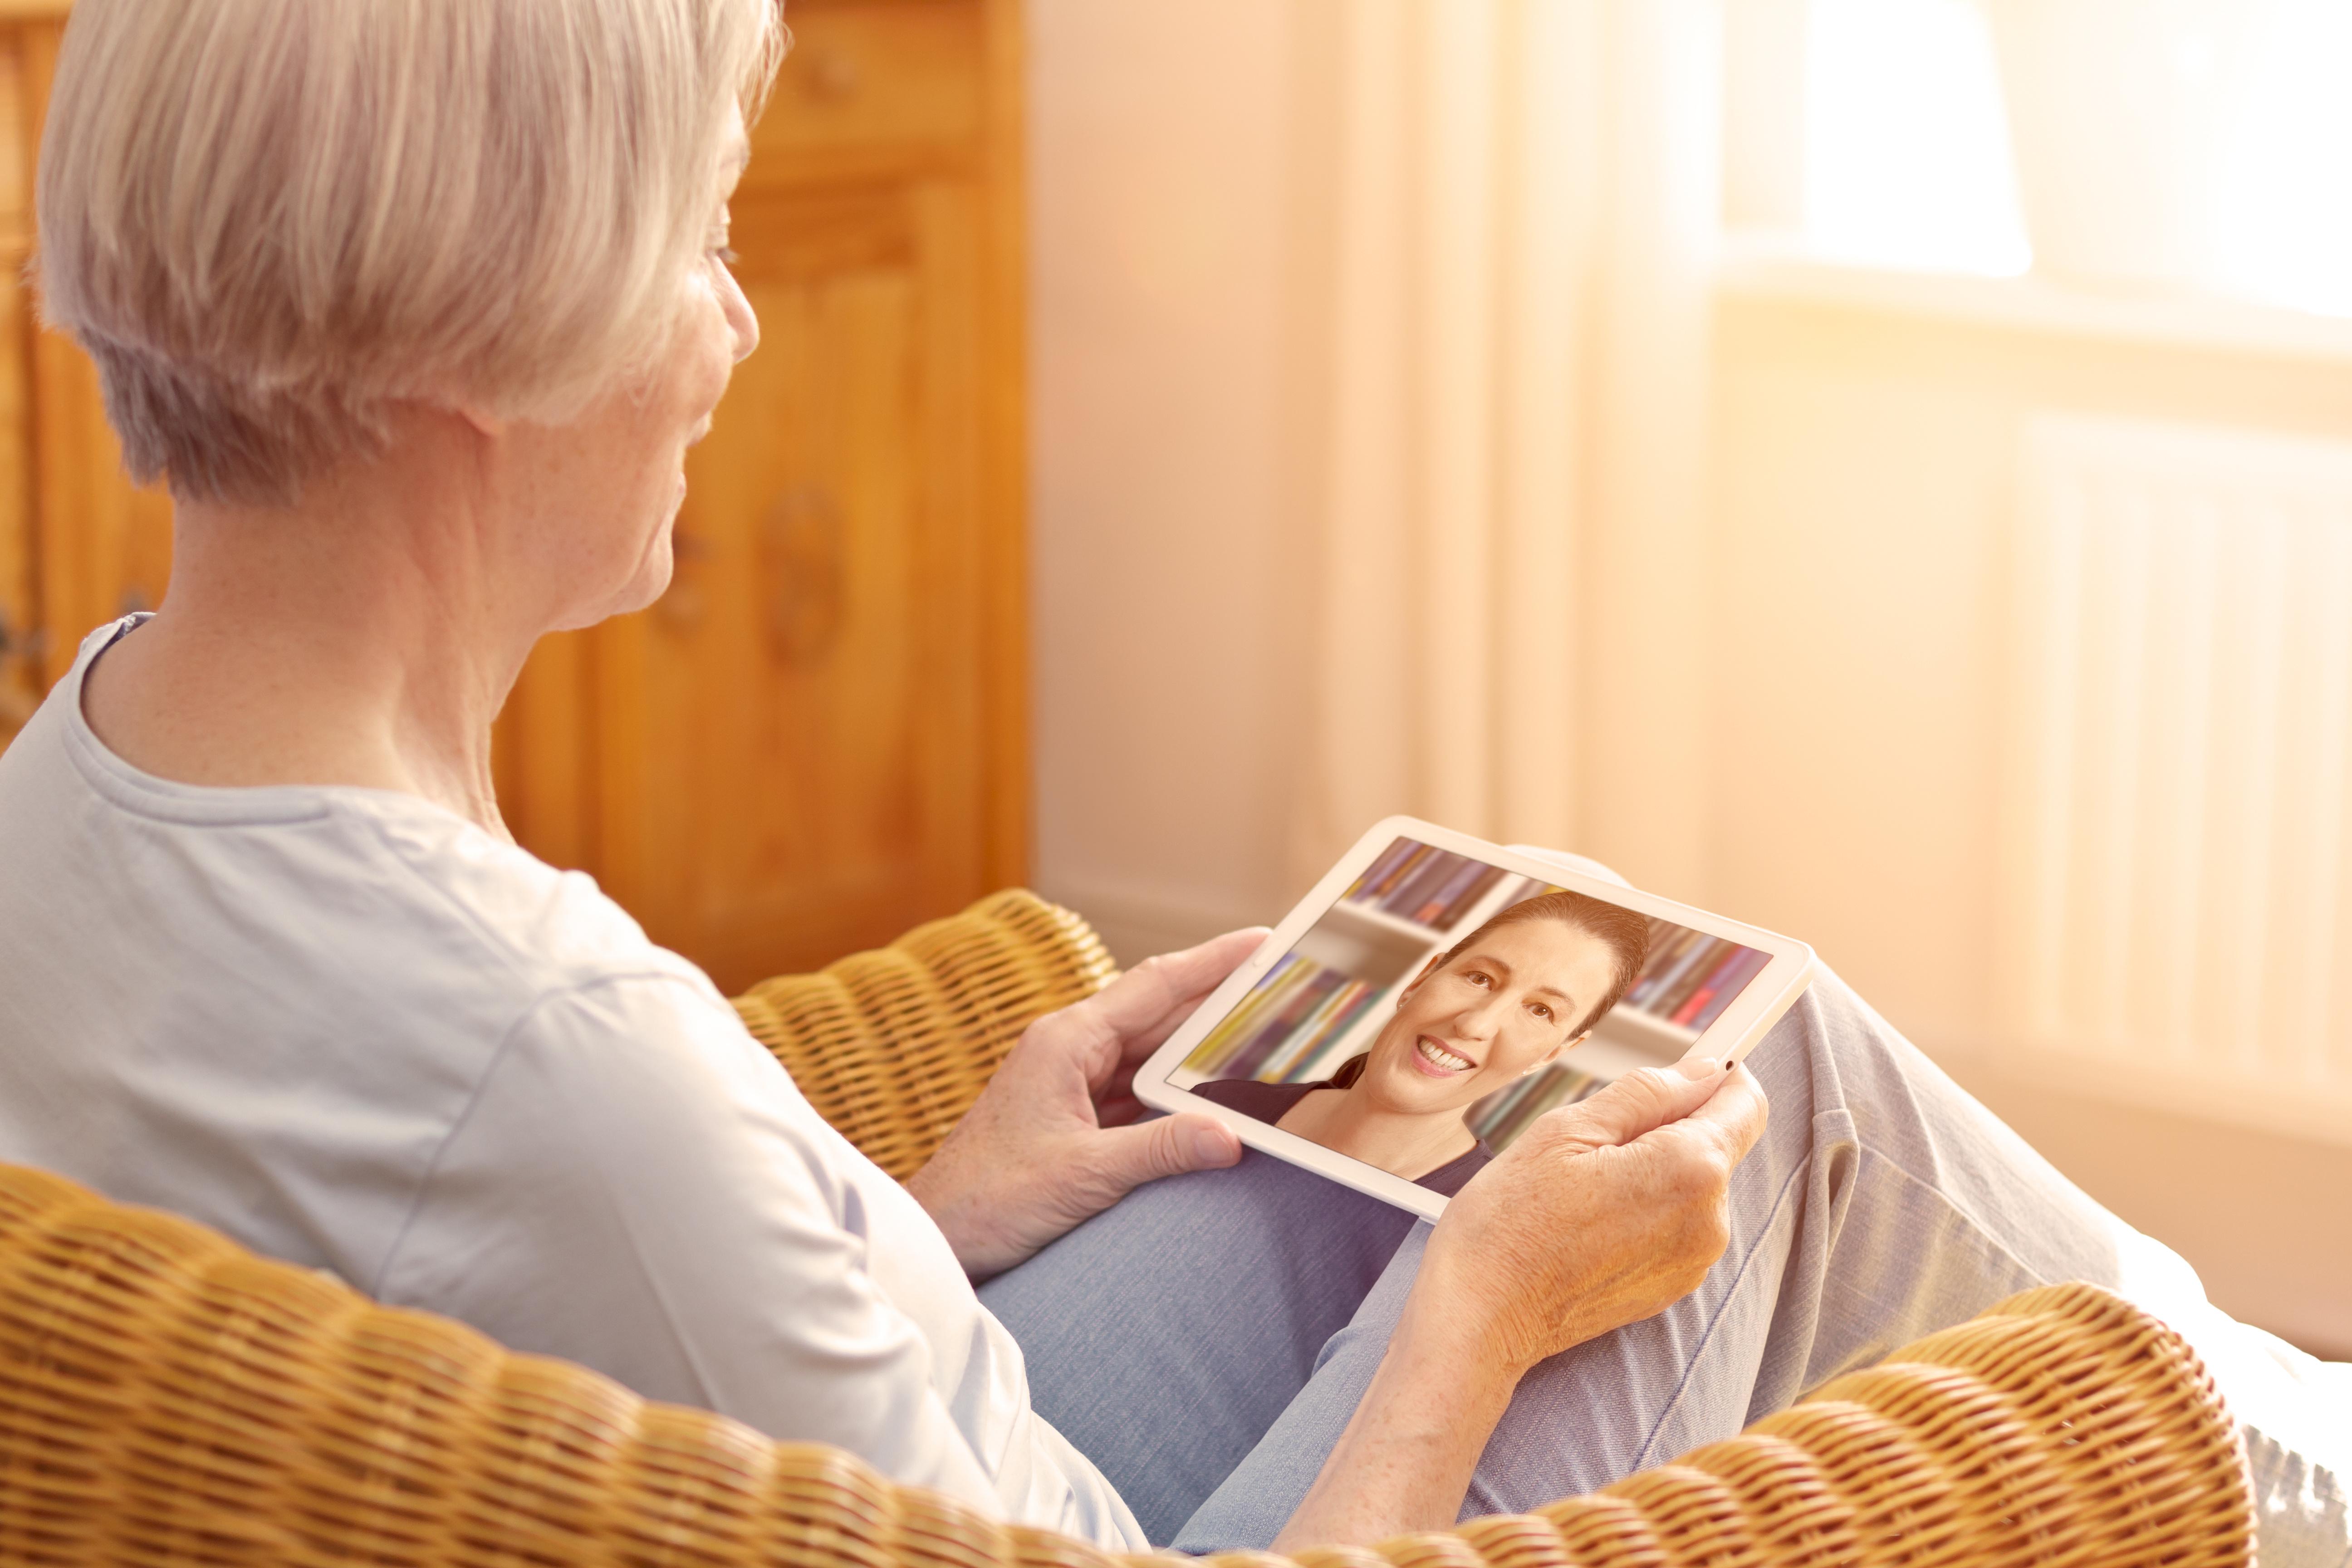 older adult woman Facetiming her daughter on tablet